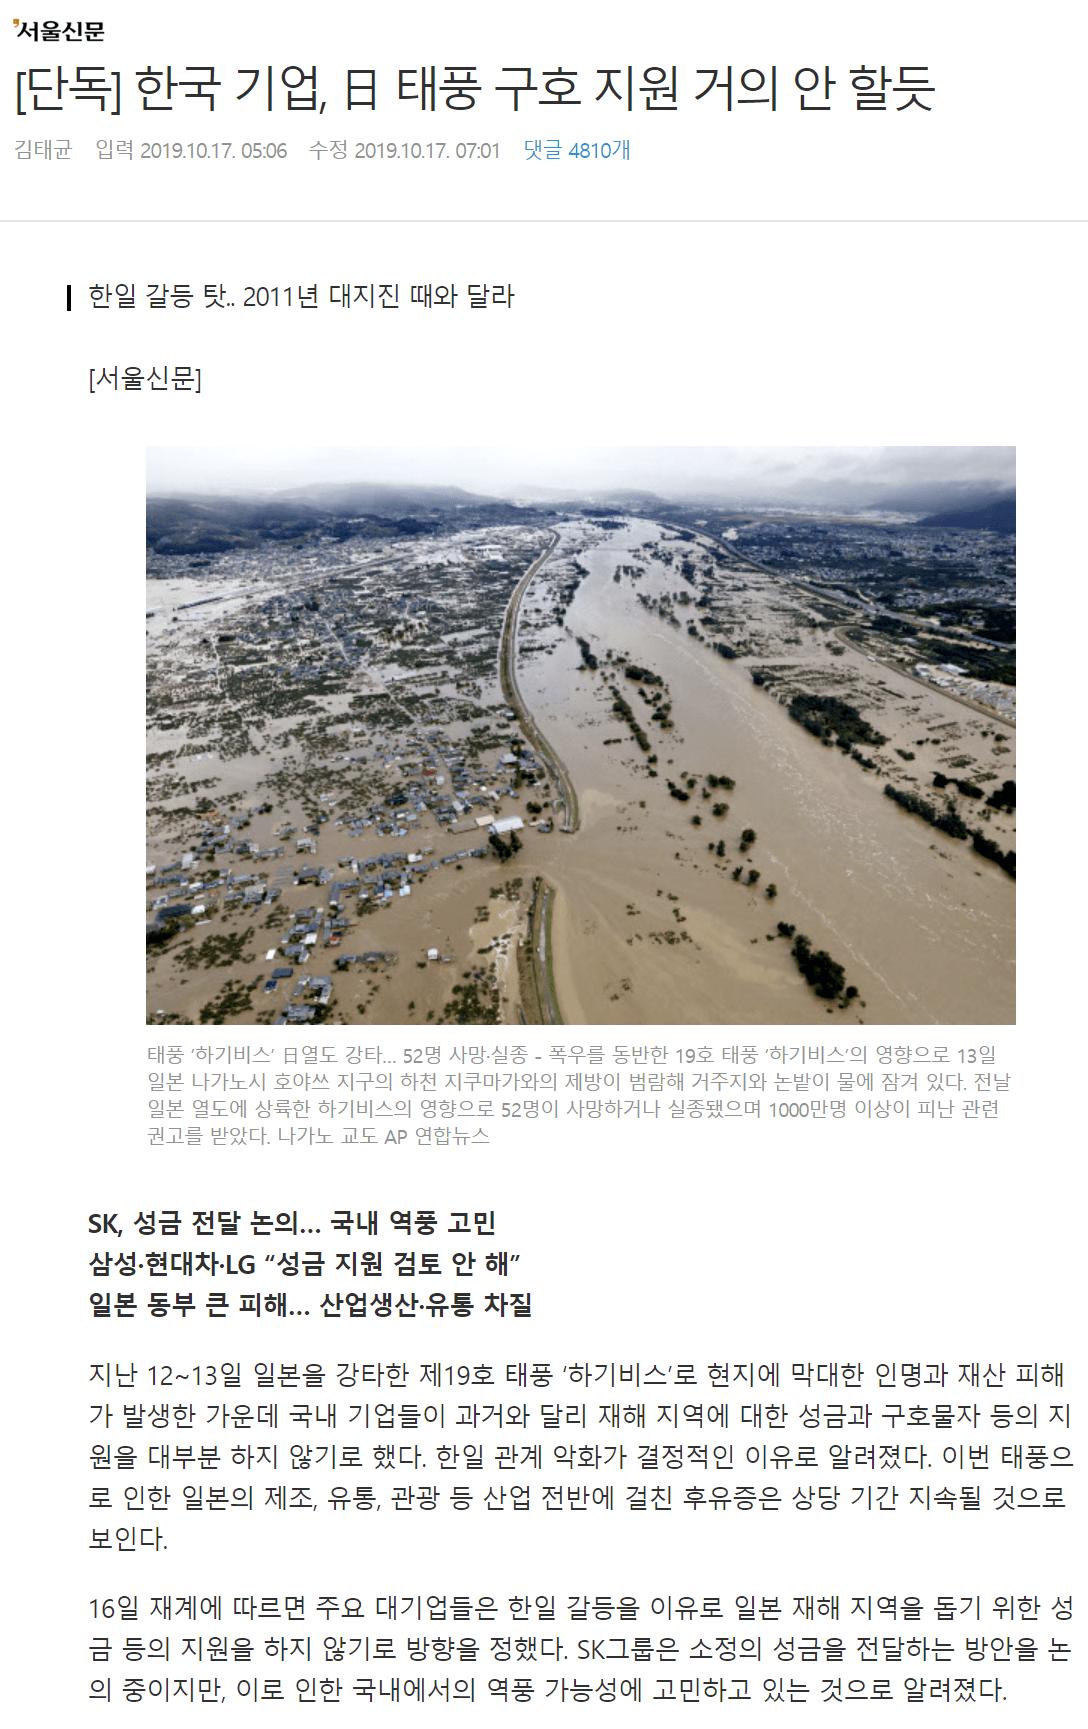 8ac6a7fc92d892cb4063a9153cd7a610.png [단독] 한국 기업, 日 태풍 구호 지원 거의 안 할듯